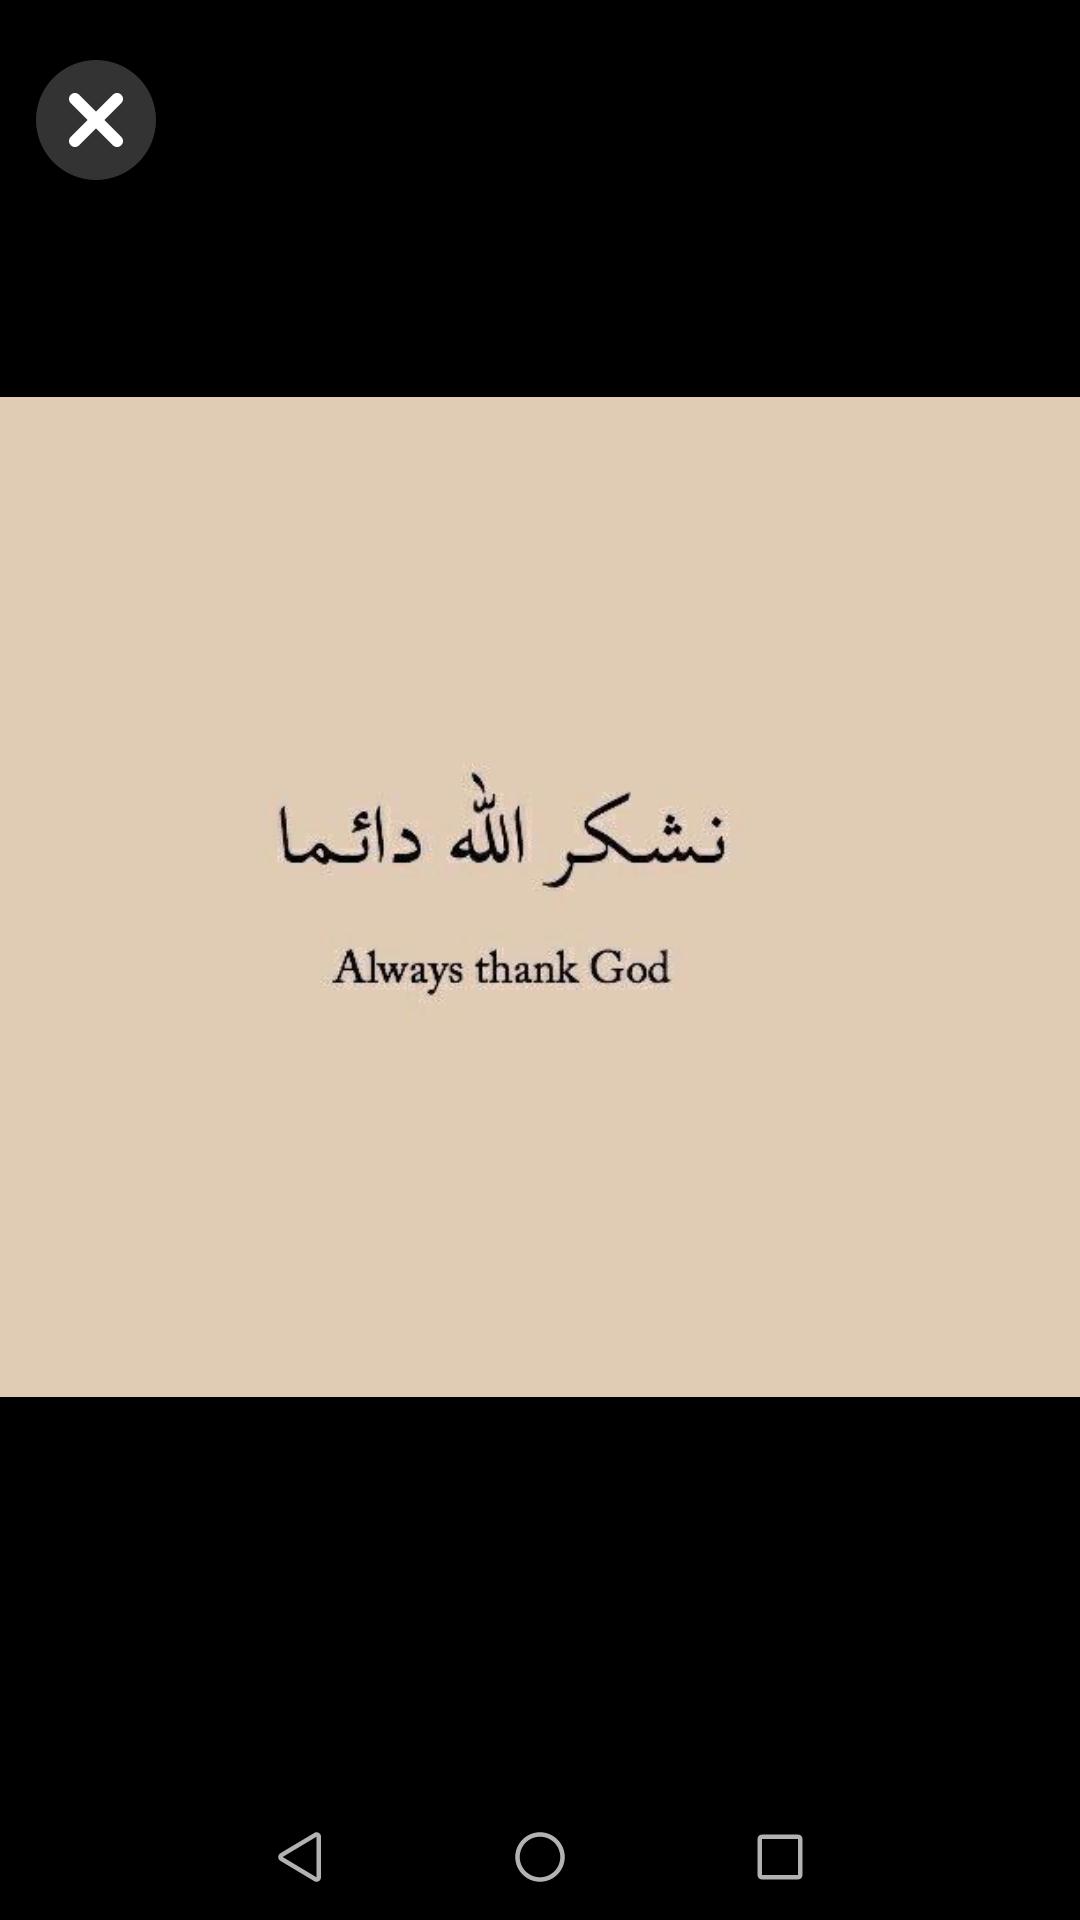 jemand der die arabische schrift beherrscht sprache